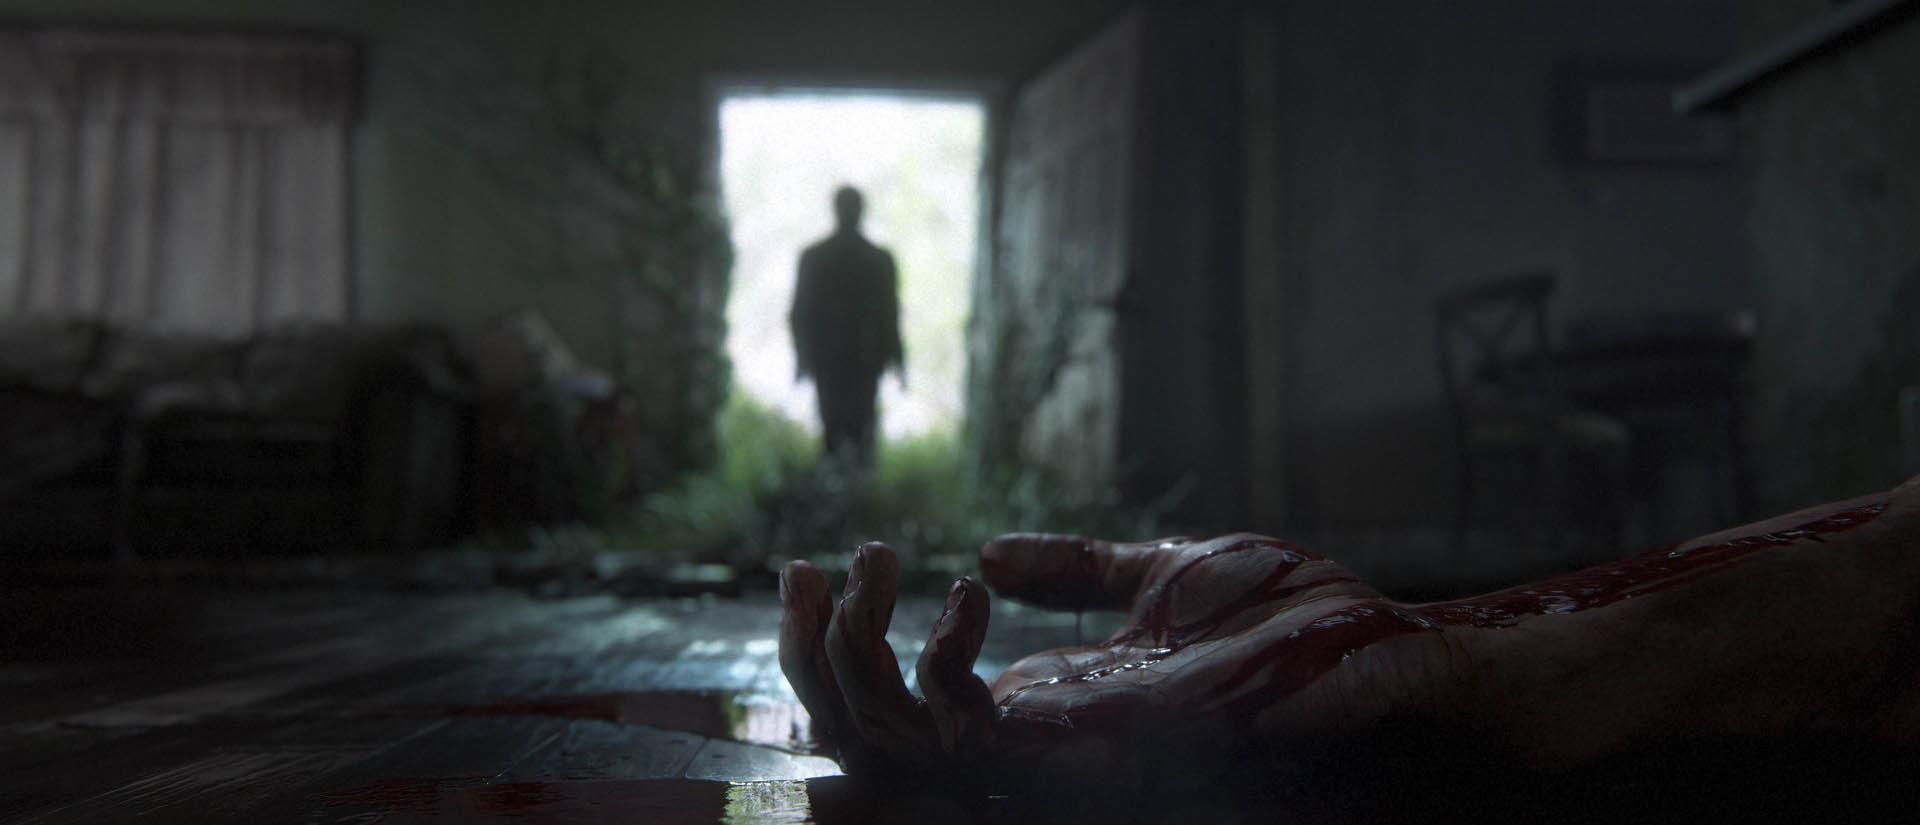 Die Entwicklung von The Last of Us: Part 2 scheint sich ihrem Ende zu nähern